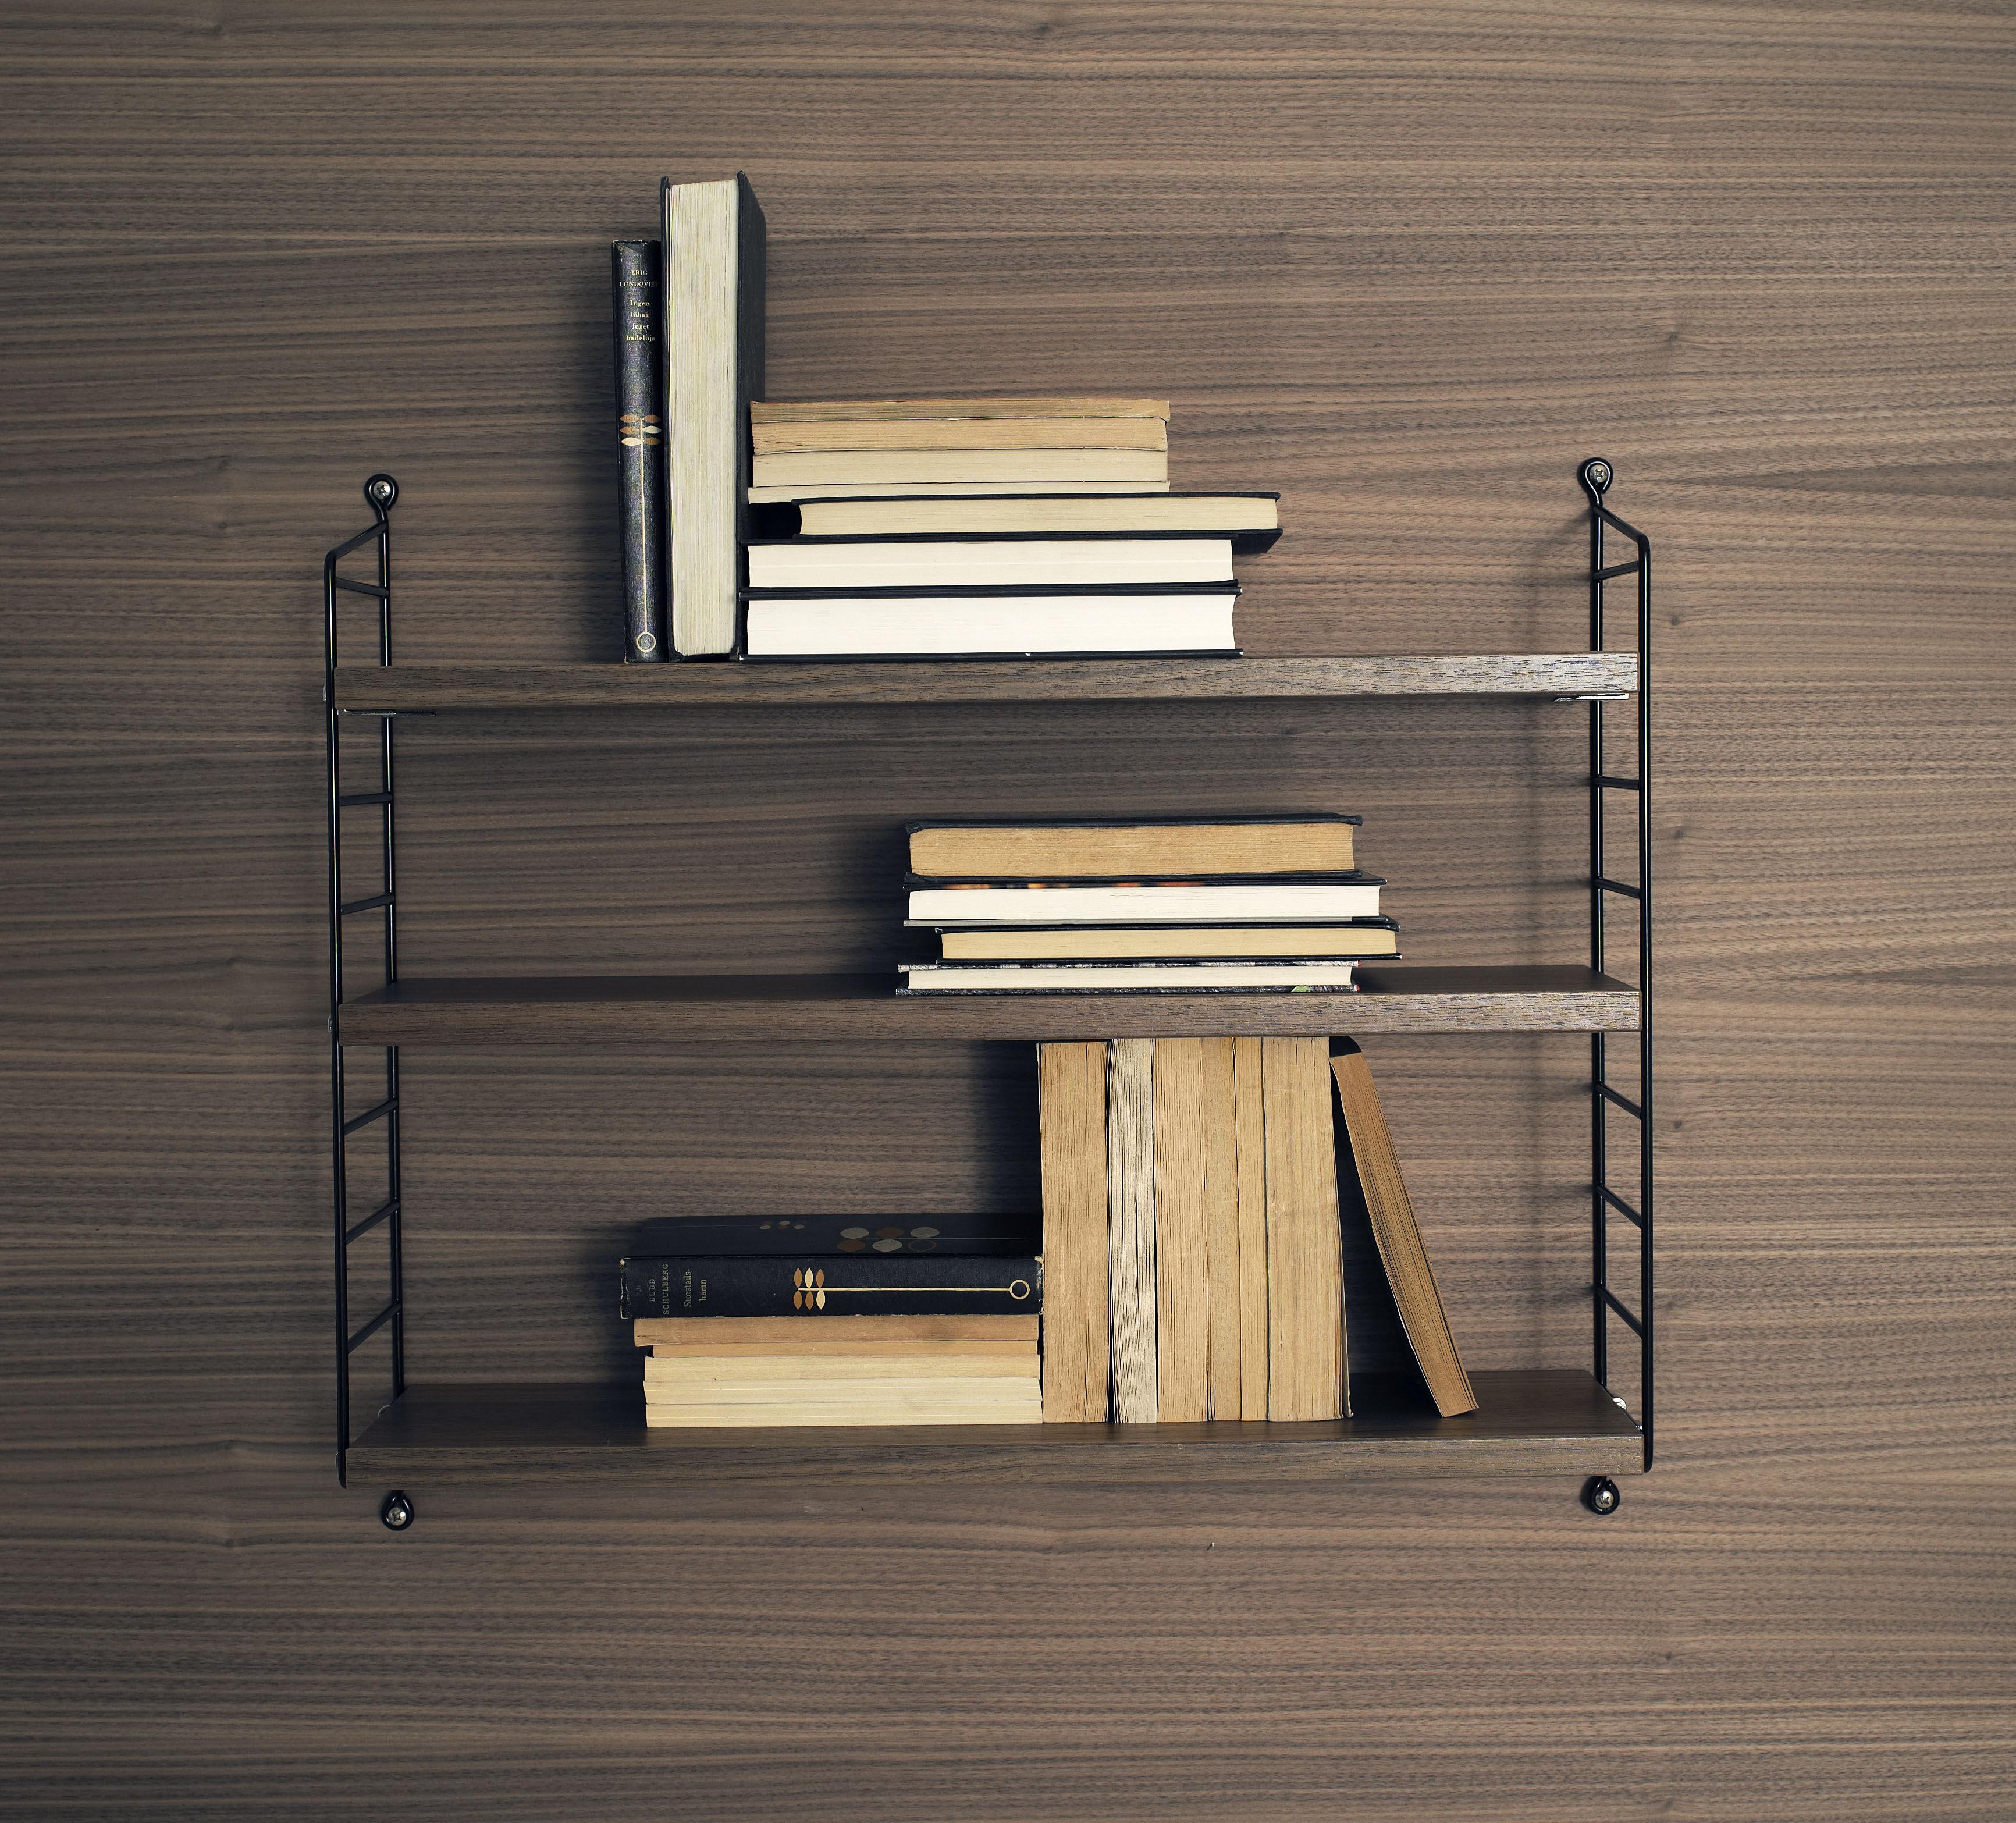 etag re string pocket version bois l 60 x h 50 cm noyer montants noirs string furniture. Black Bedroom Furniture Sets. Home Design Ideas